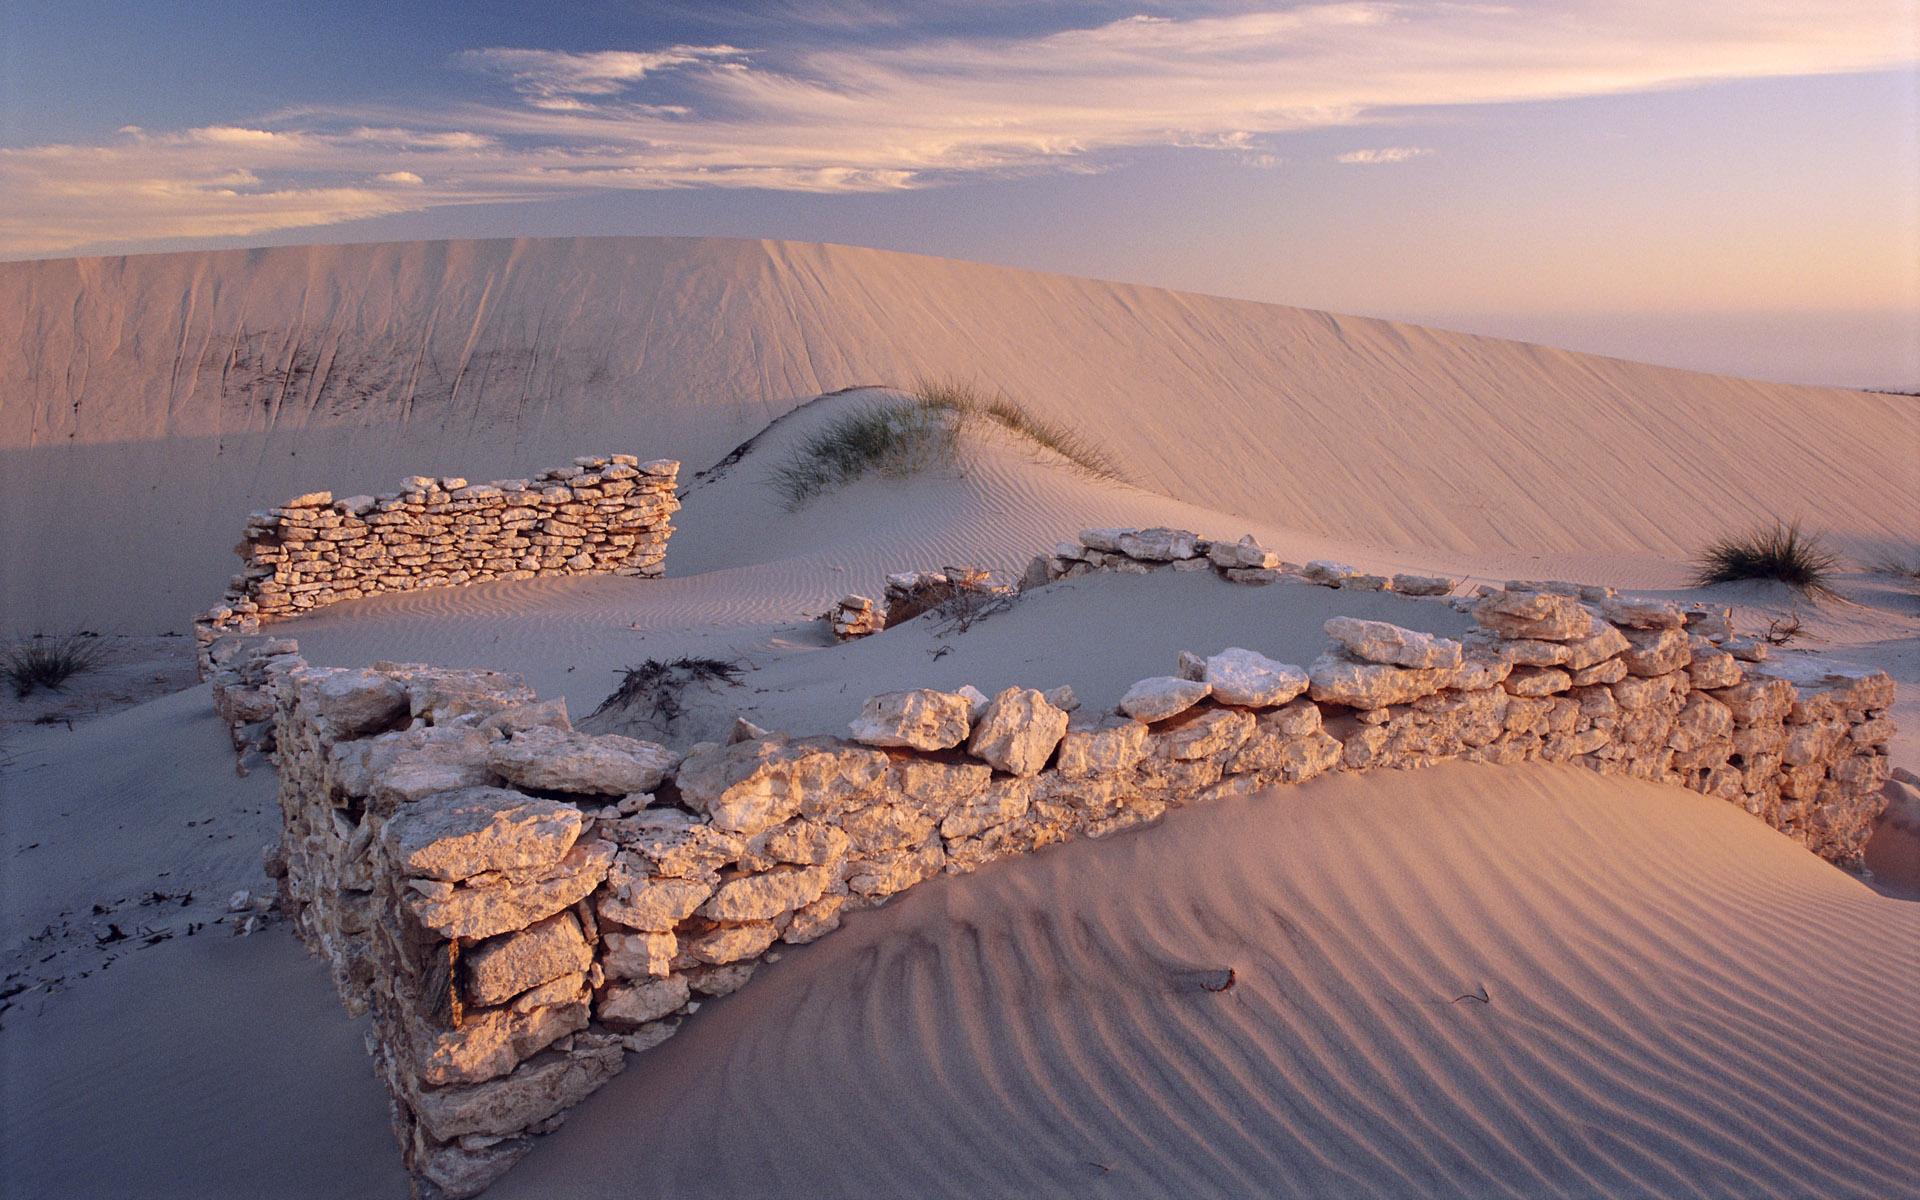 песчаные гряды картинка очень внимательны